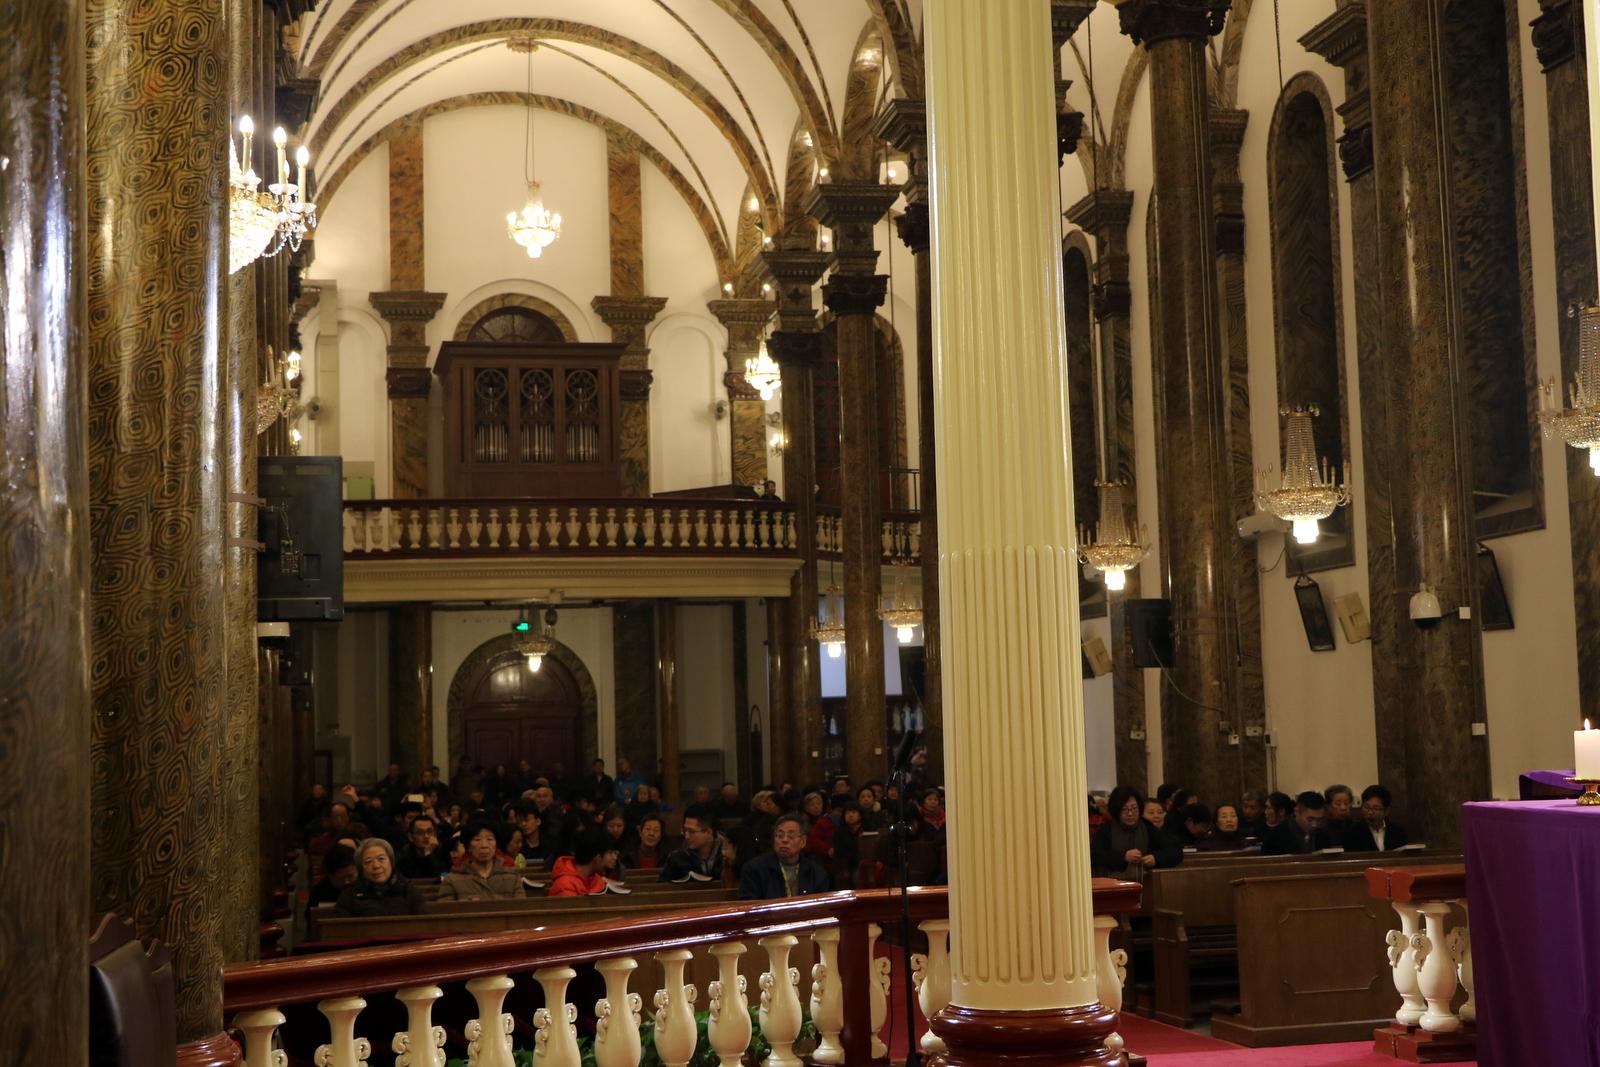 Orgue Inspiration installé à l'église de l'Est (Wangfujing) à Beijing